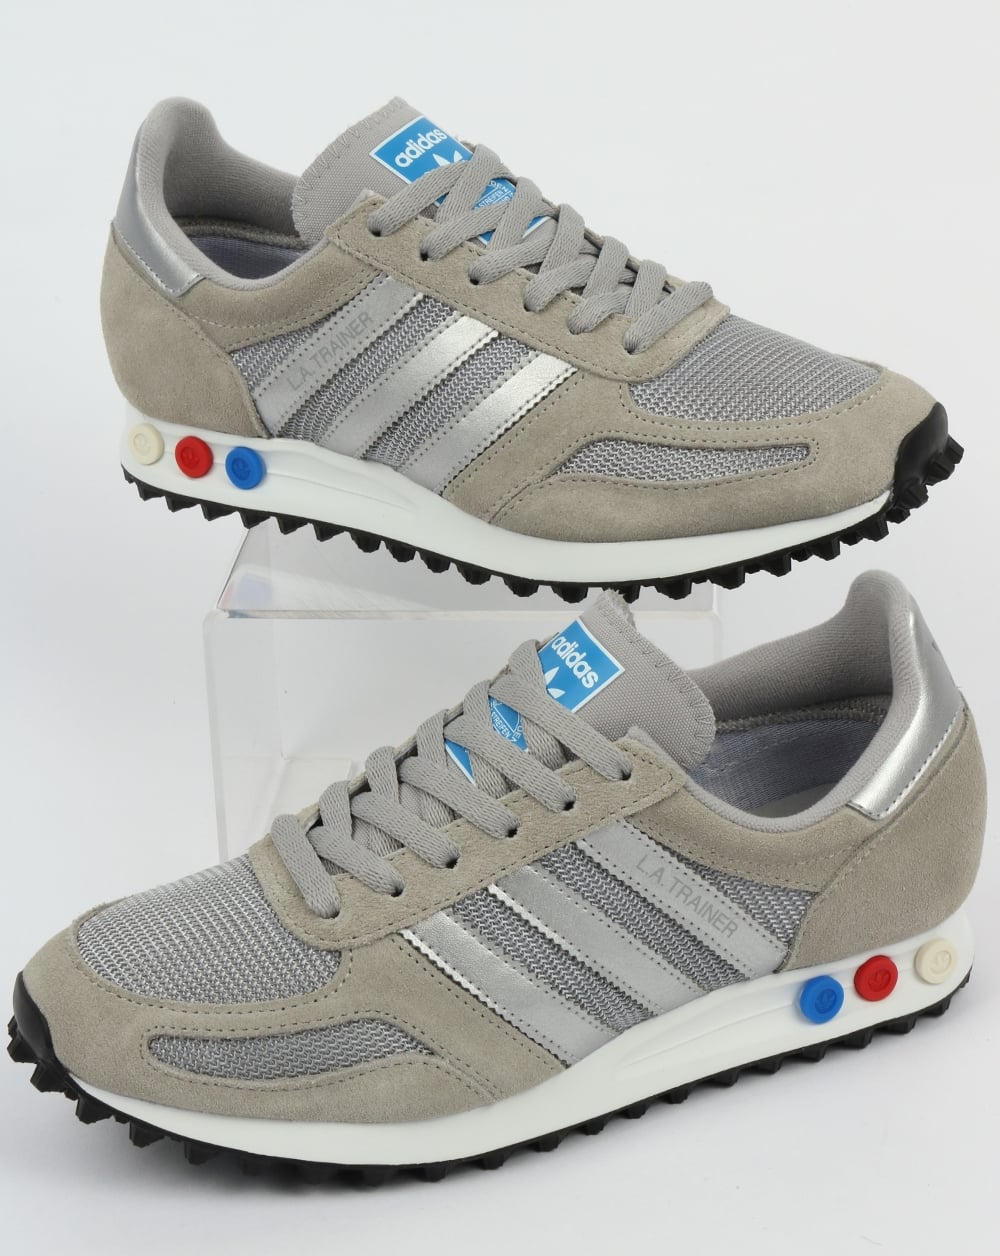 Adidas LA Trainer Solid Grey/Silver